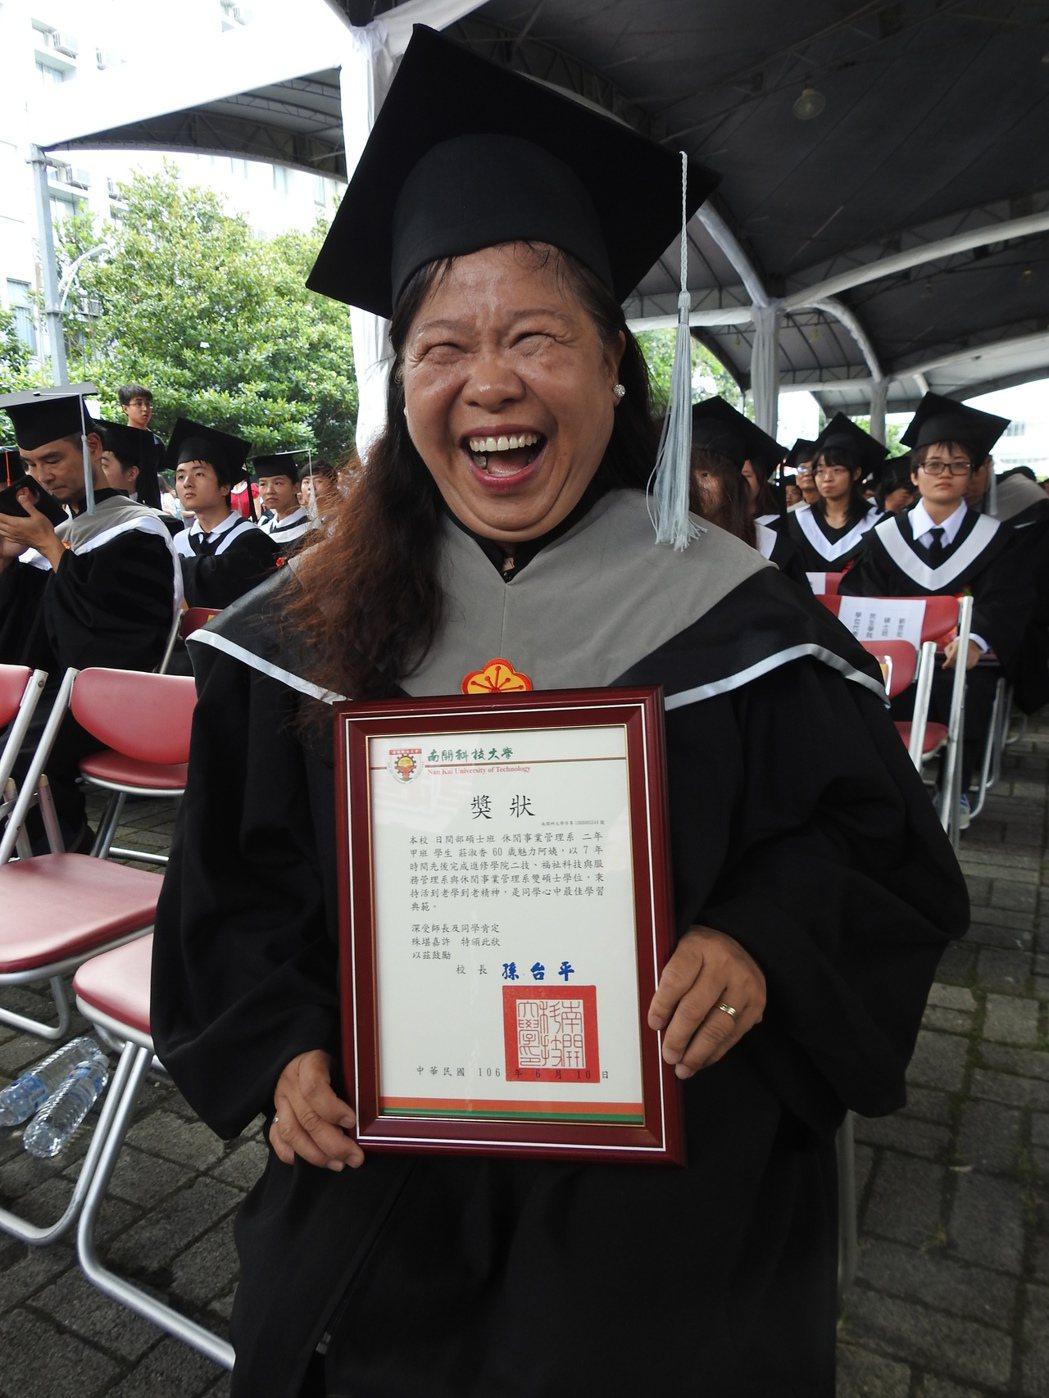 年屆60歲的莊淑香成功取得「雙碩士」學位,今領到畢業證書開心大笑。記者賴香珊/攝...